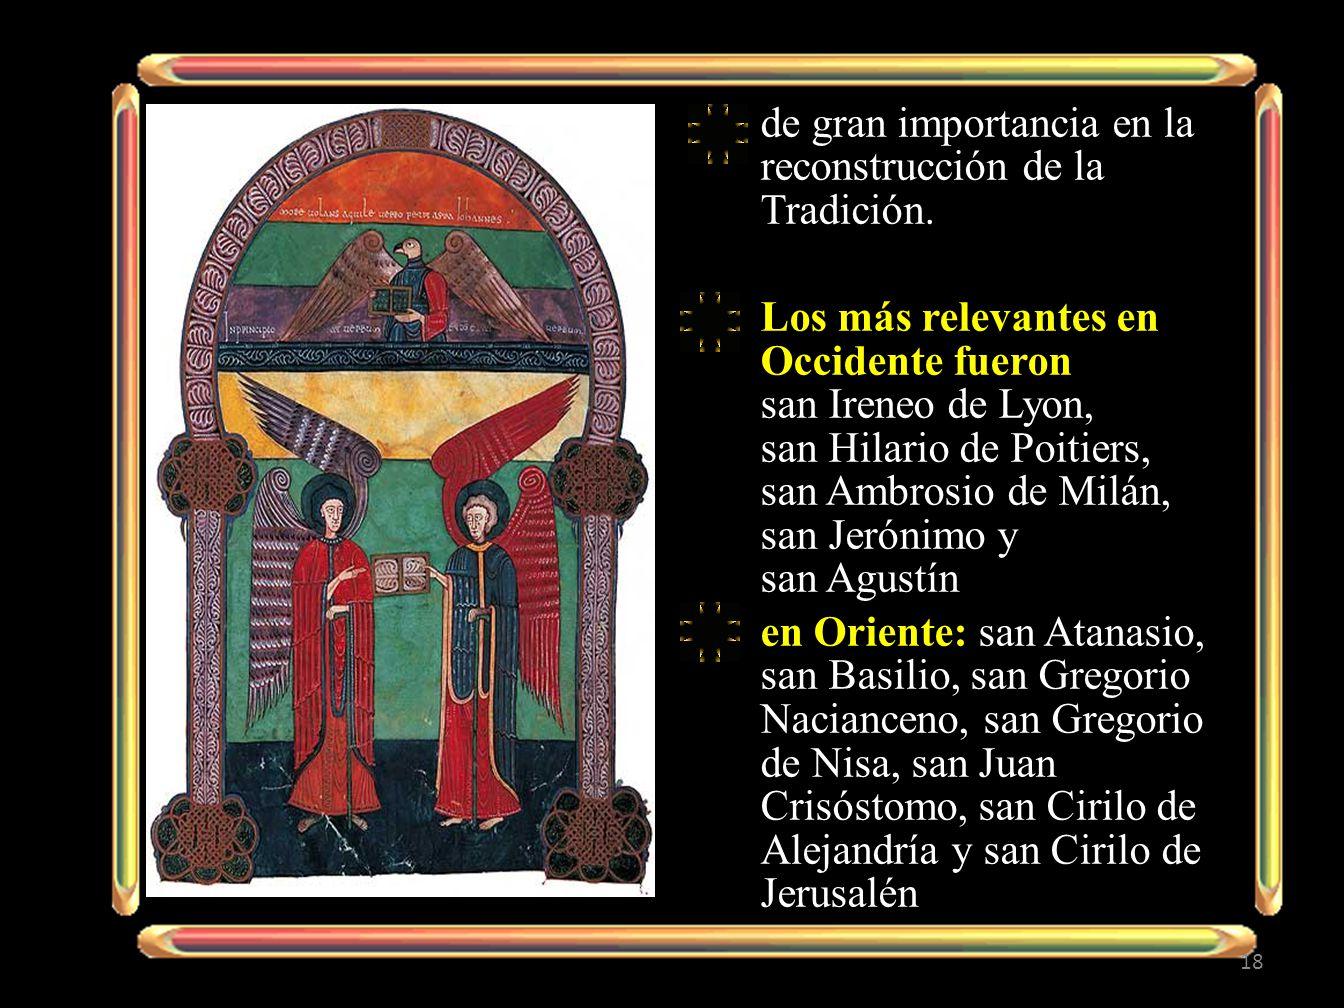 de gran importancia en la reconstrucción de la Tradición. Los más relevantes en Occidente fueron san Ireneo de Lyon, san Hilario de Poitiers, san Ambr